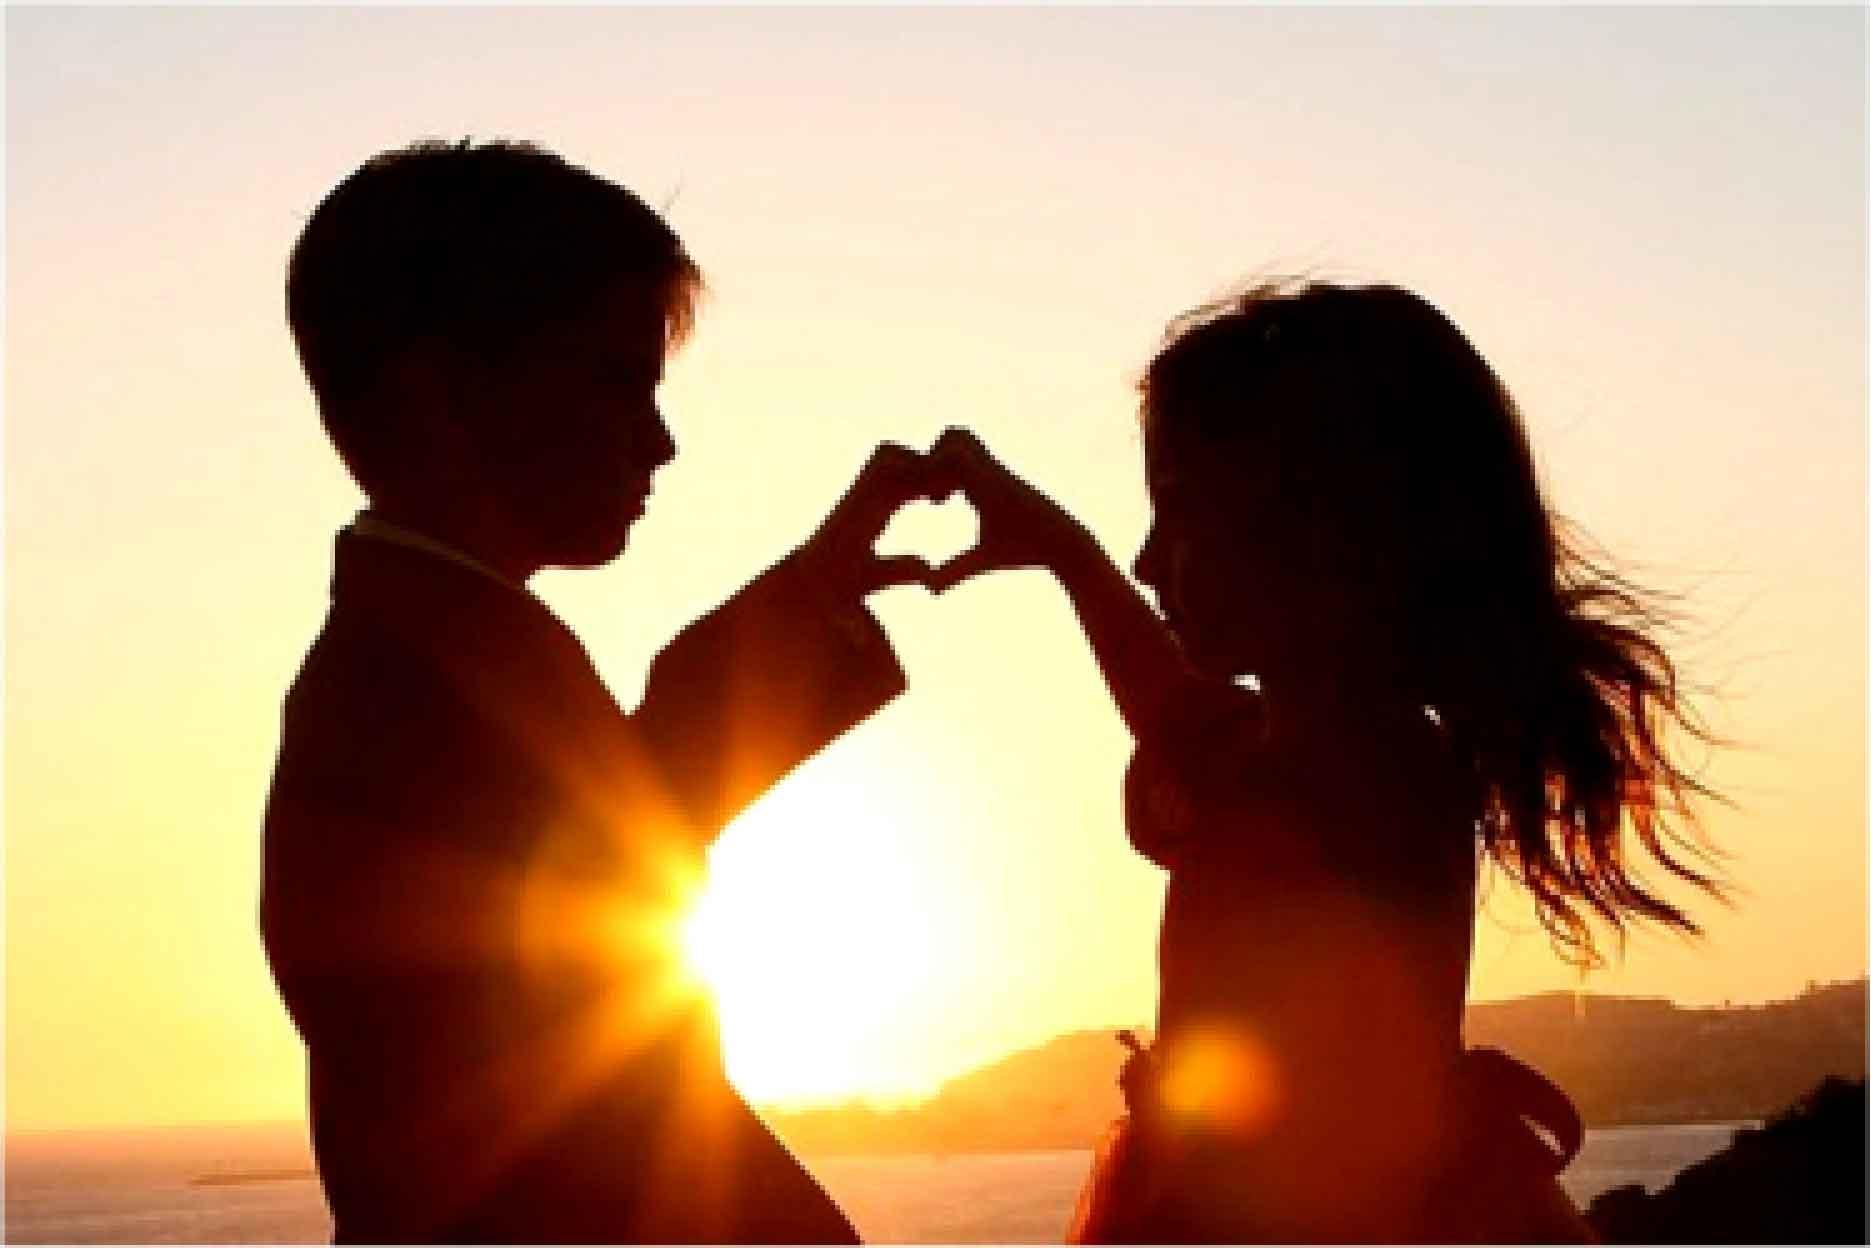 بالصور صور حب من غير كلام , عبر عن حبك بصورة من غير كلام 1578 5